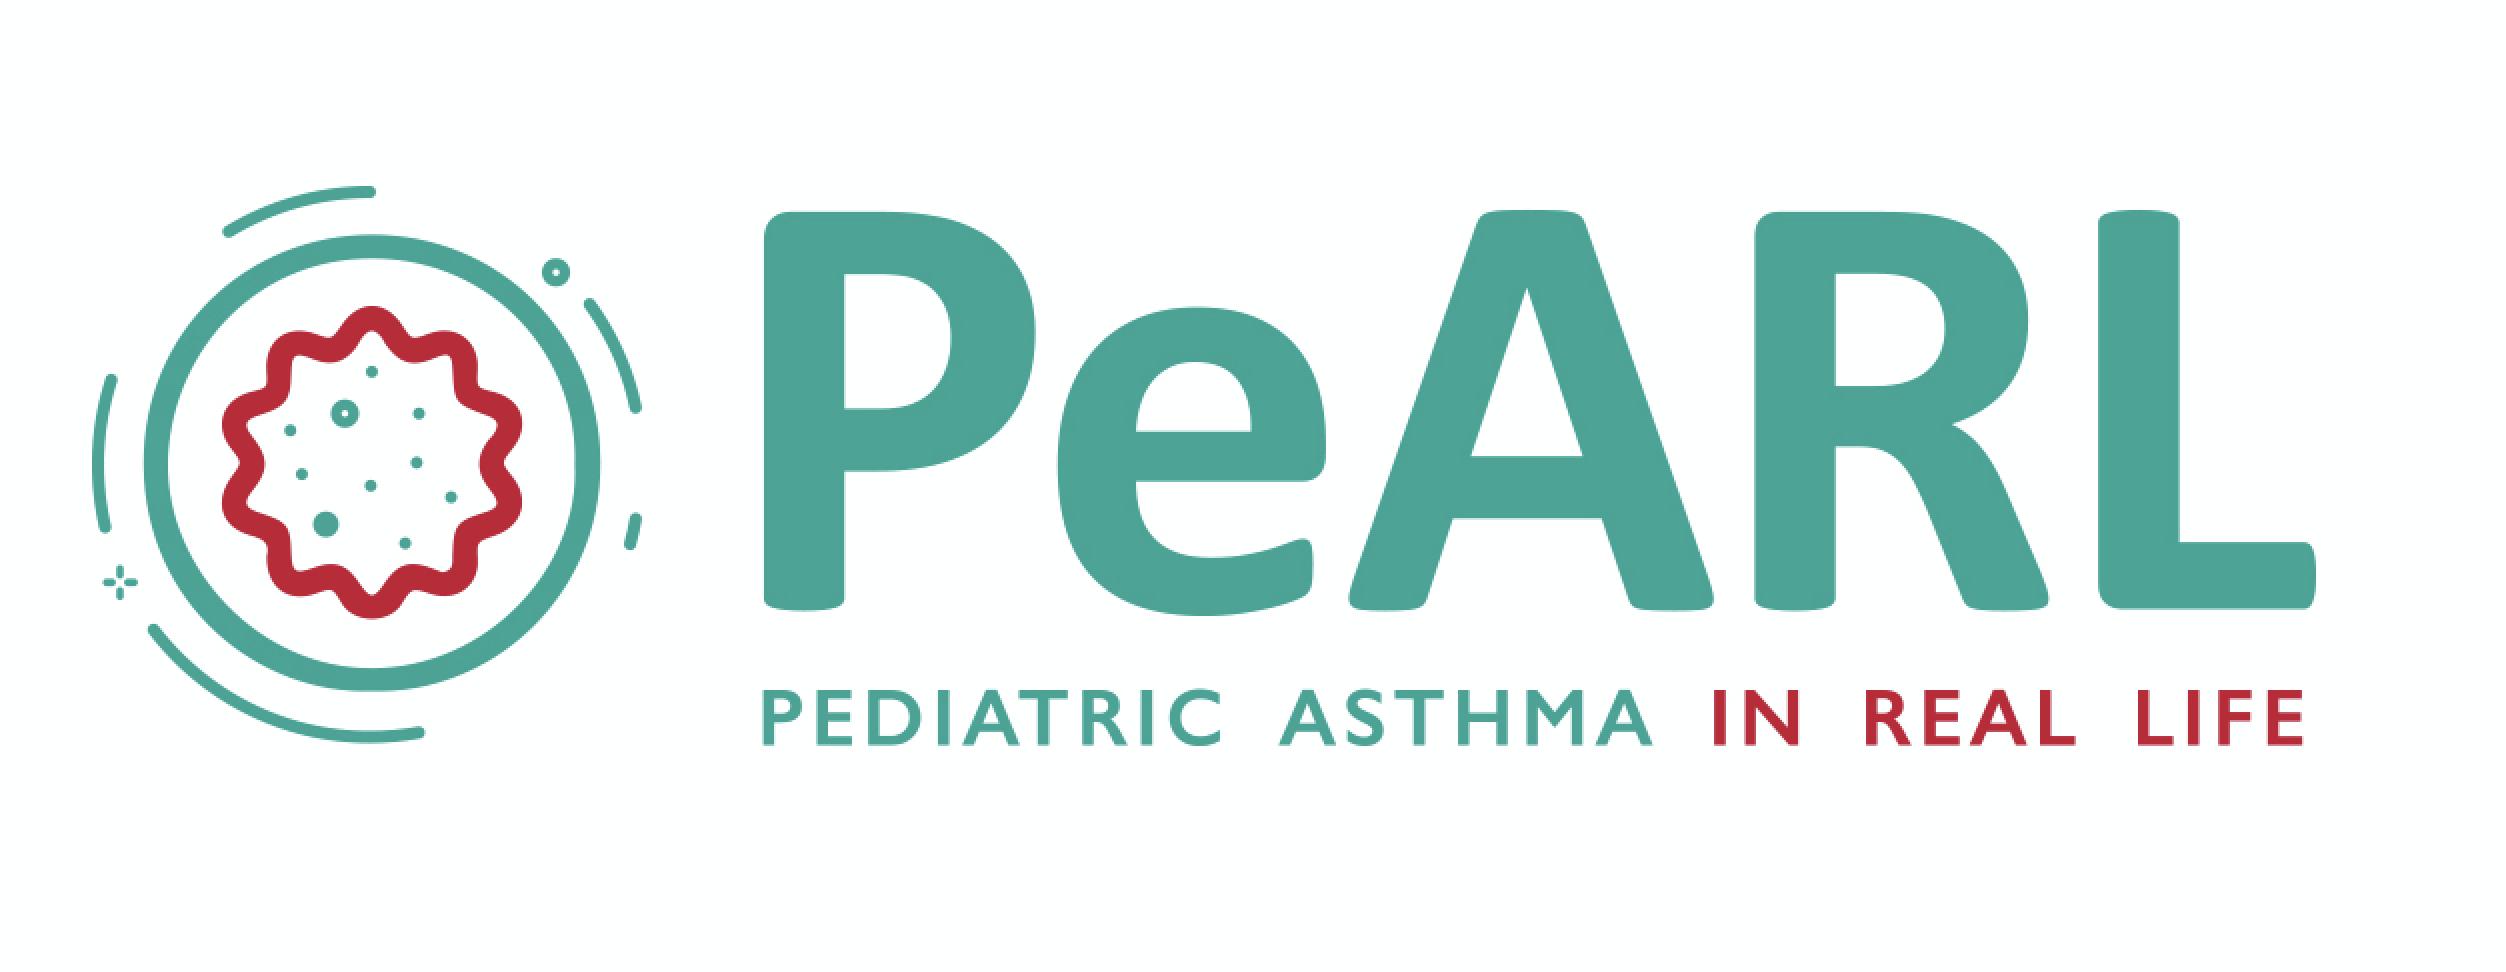 """""""Педіатрична астма в реальному житті"""" (PeARL) розпочинає опитування"""